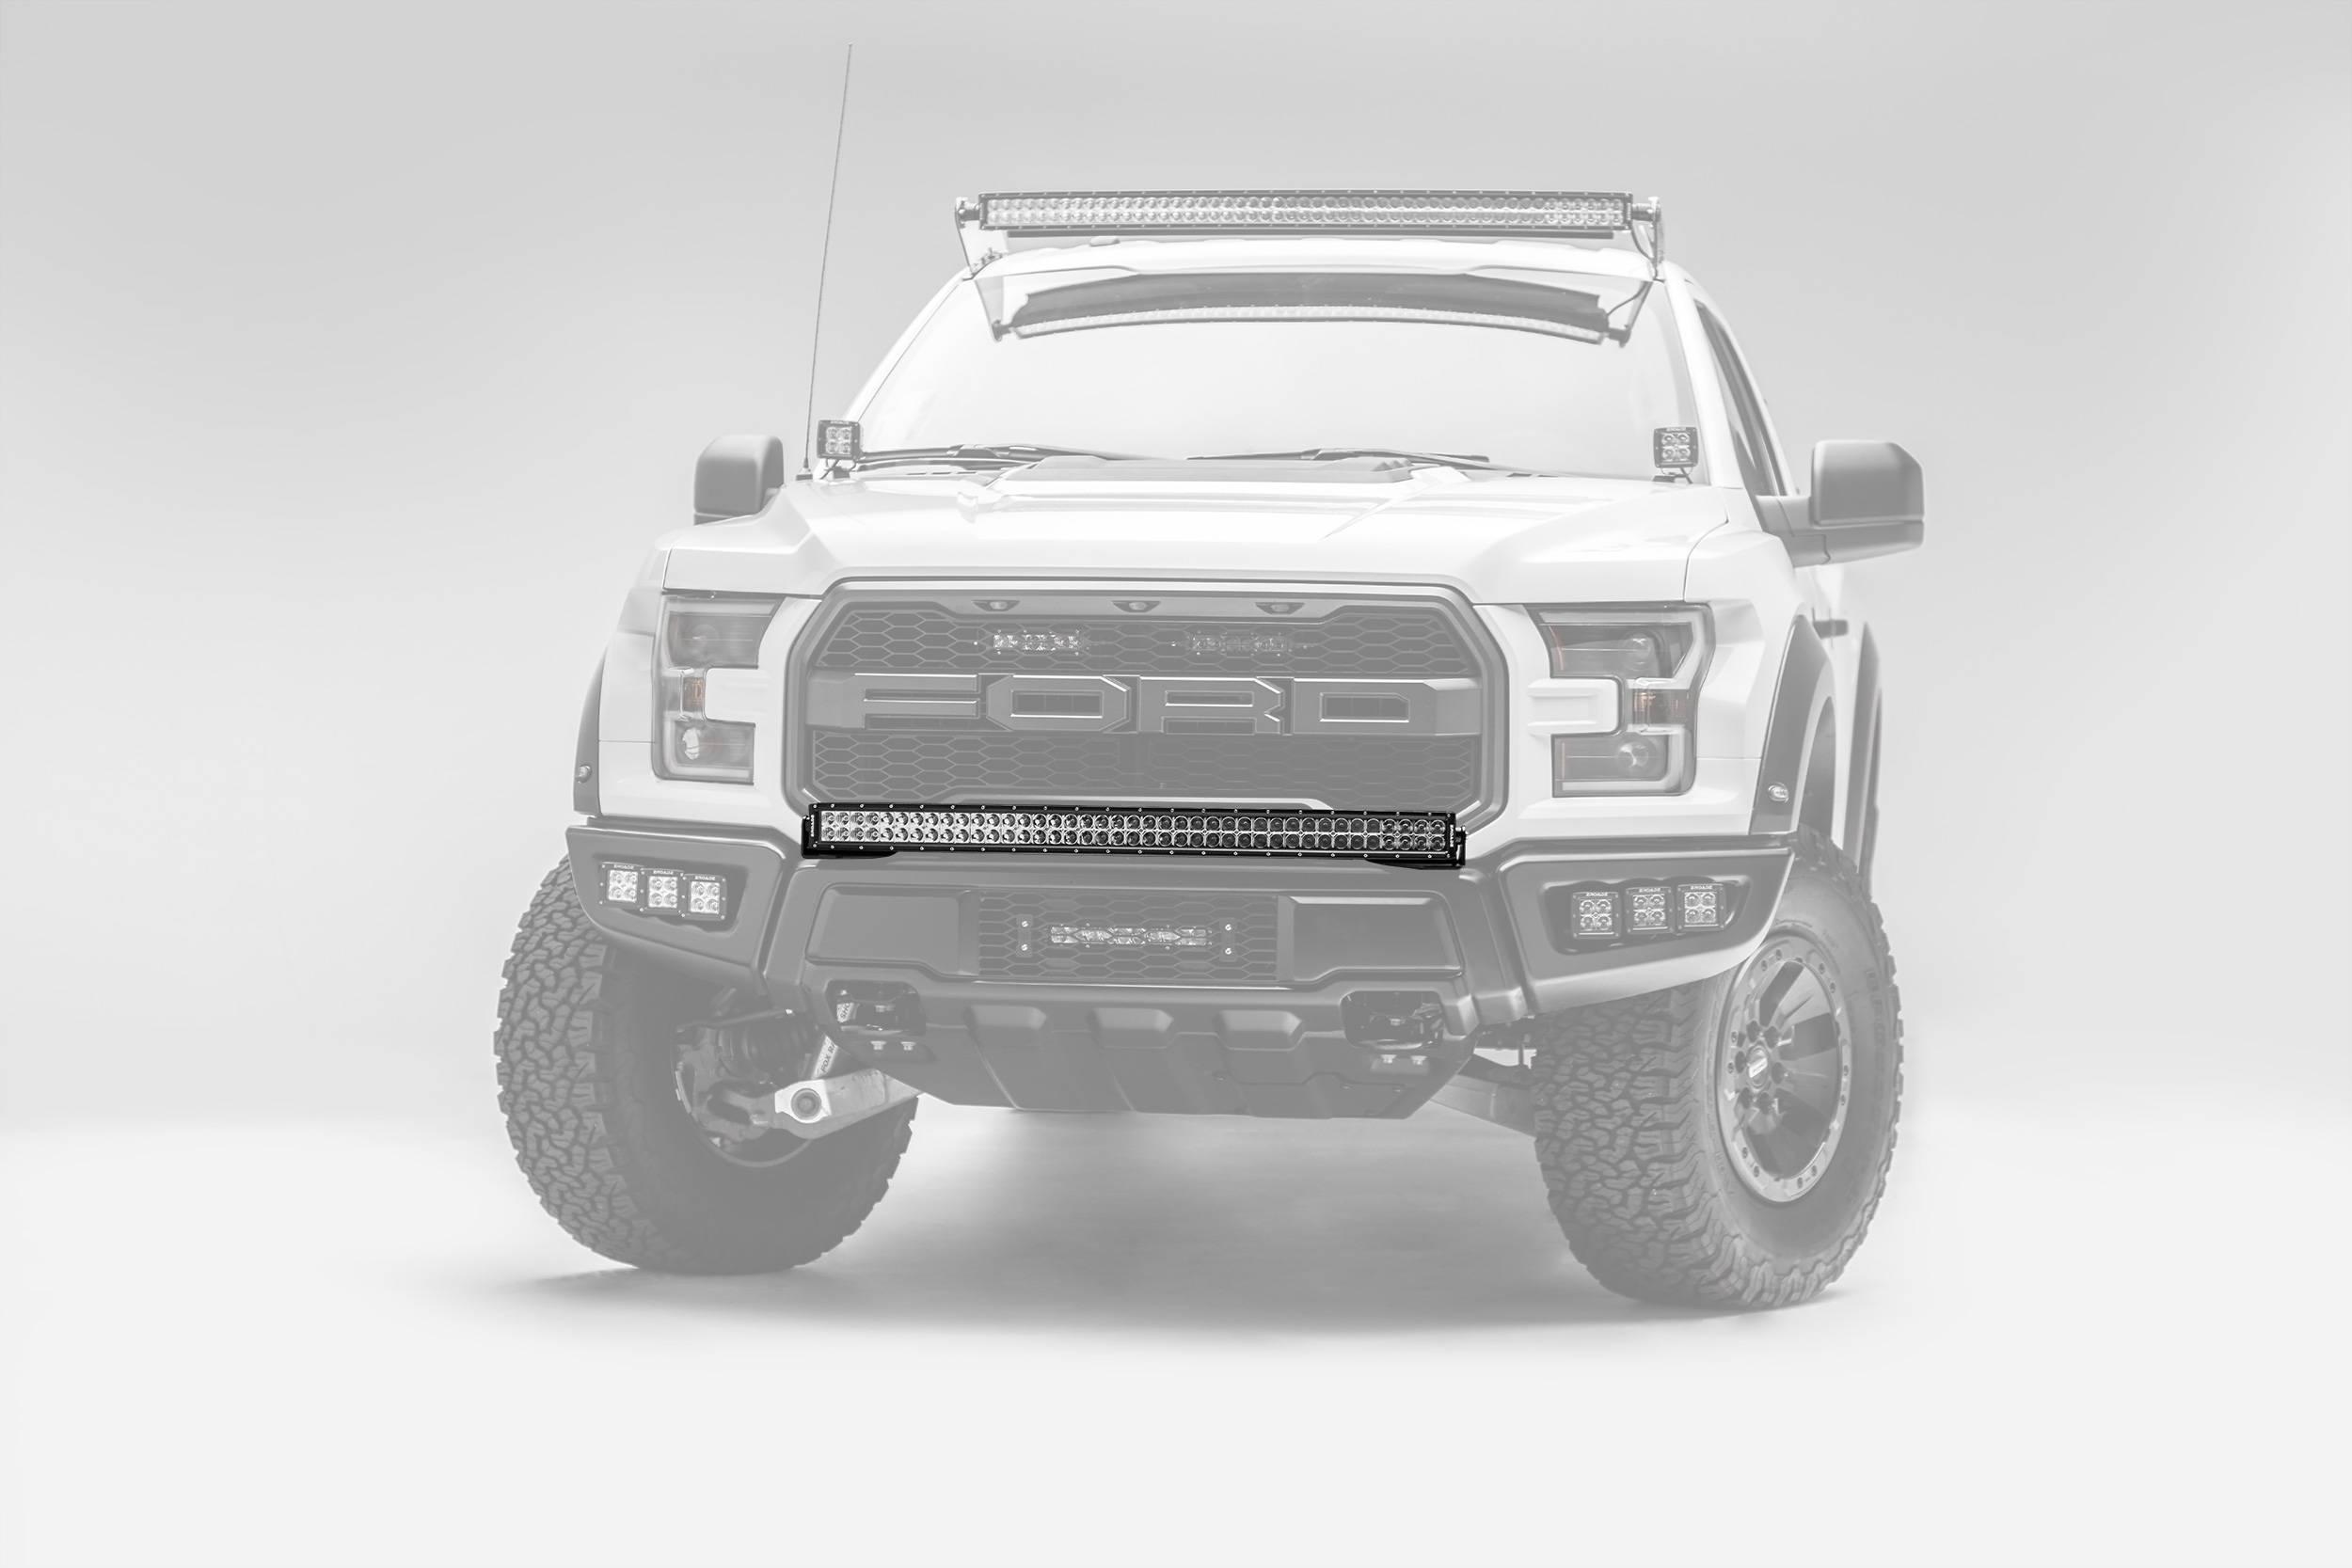 2017-2019 Ford F-150 Raptor Front Bumper Top LED Bracket to mount (1) 40 Inch Curved LED Light Bar - PN #Z325662